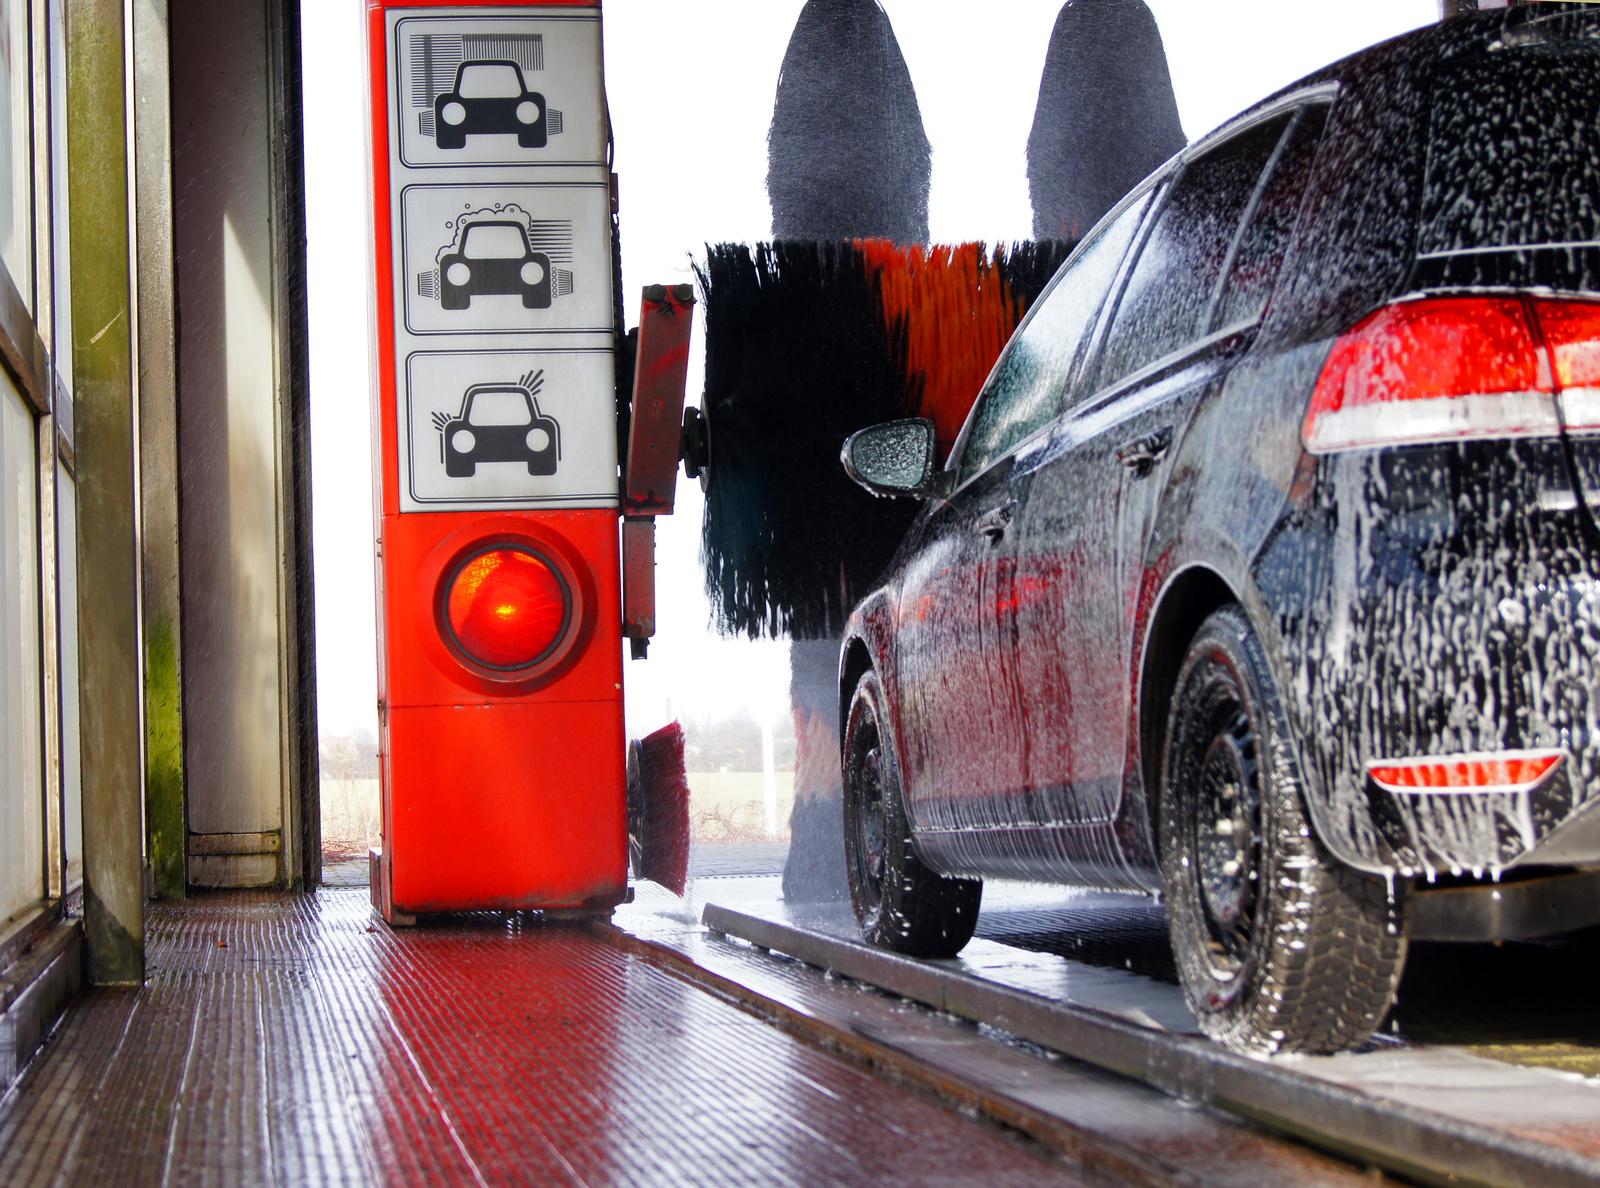 Autowaschen Am Besten In Der Waschanlage Umweltbundesamt